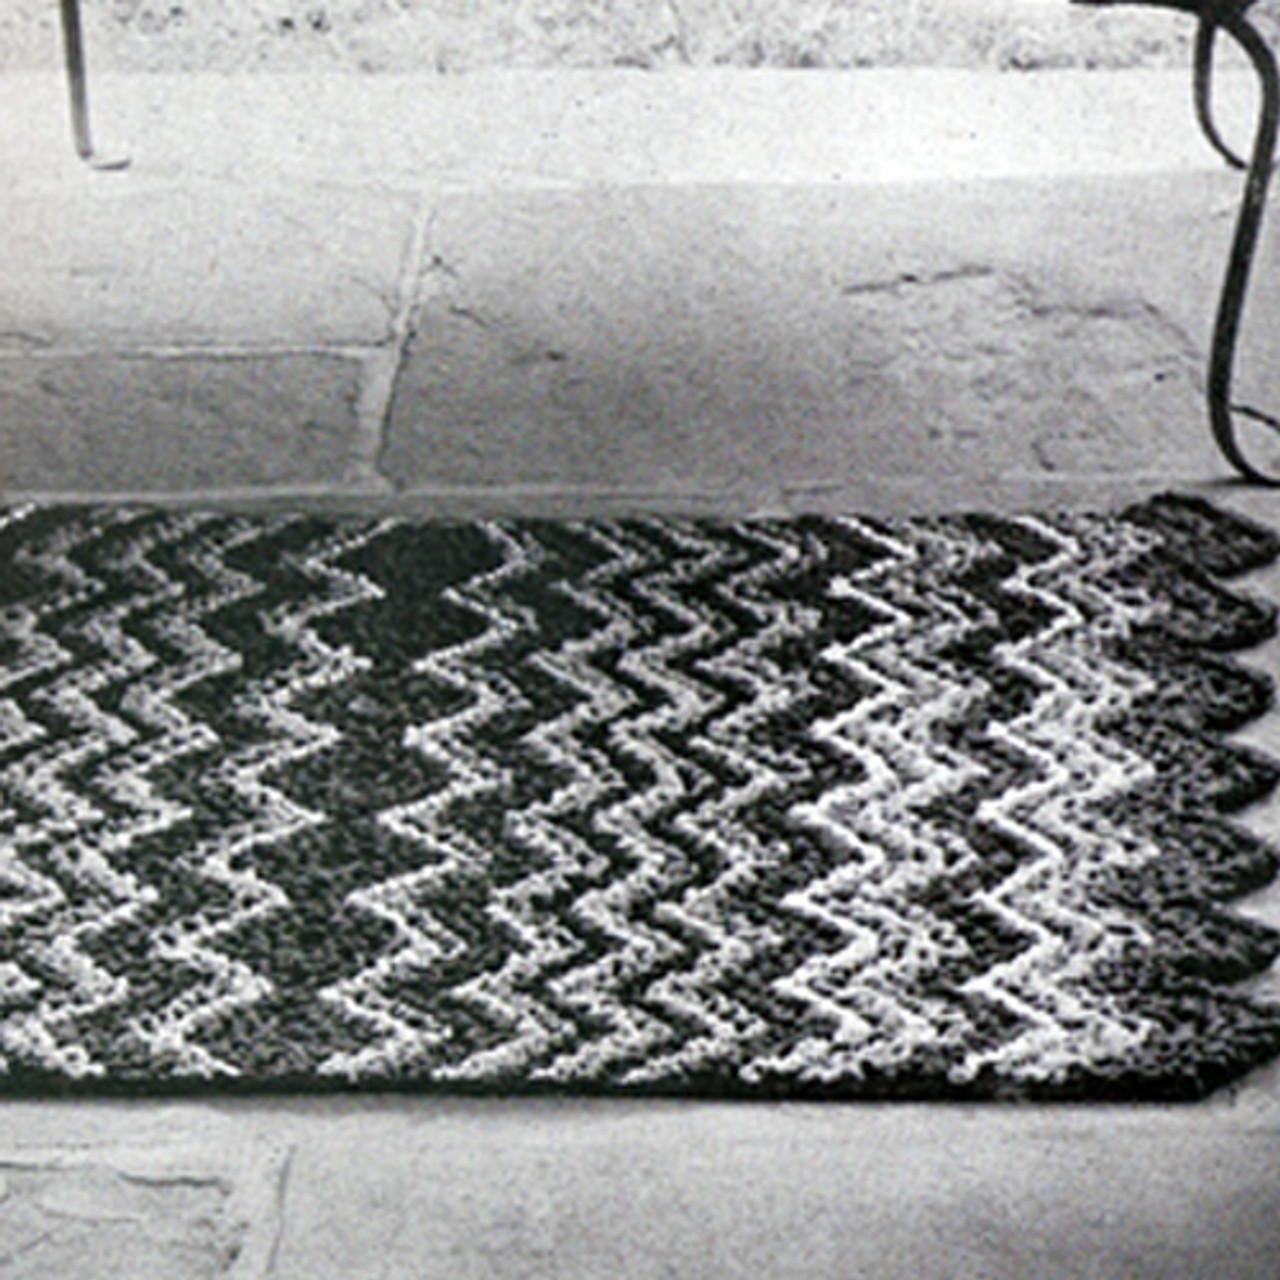 Wavecrest Crocheted Rug Pattern, Vintage 1950s